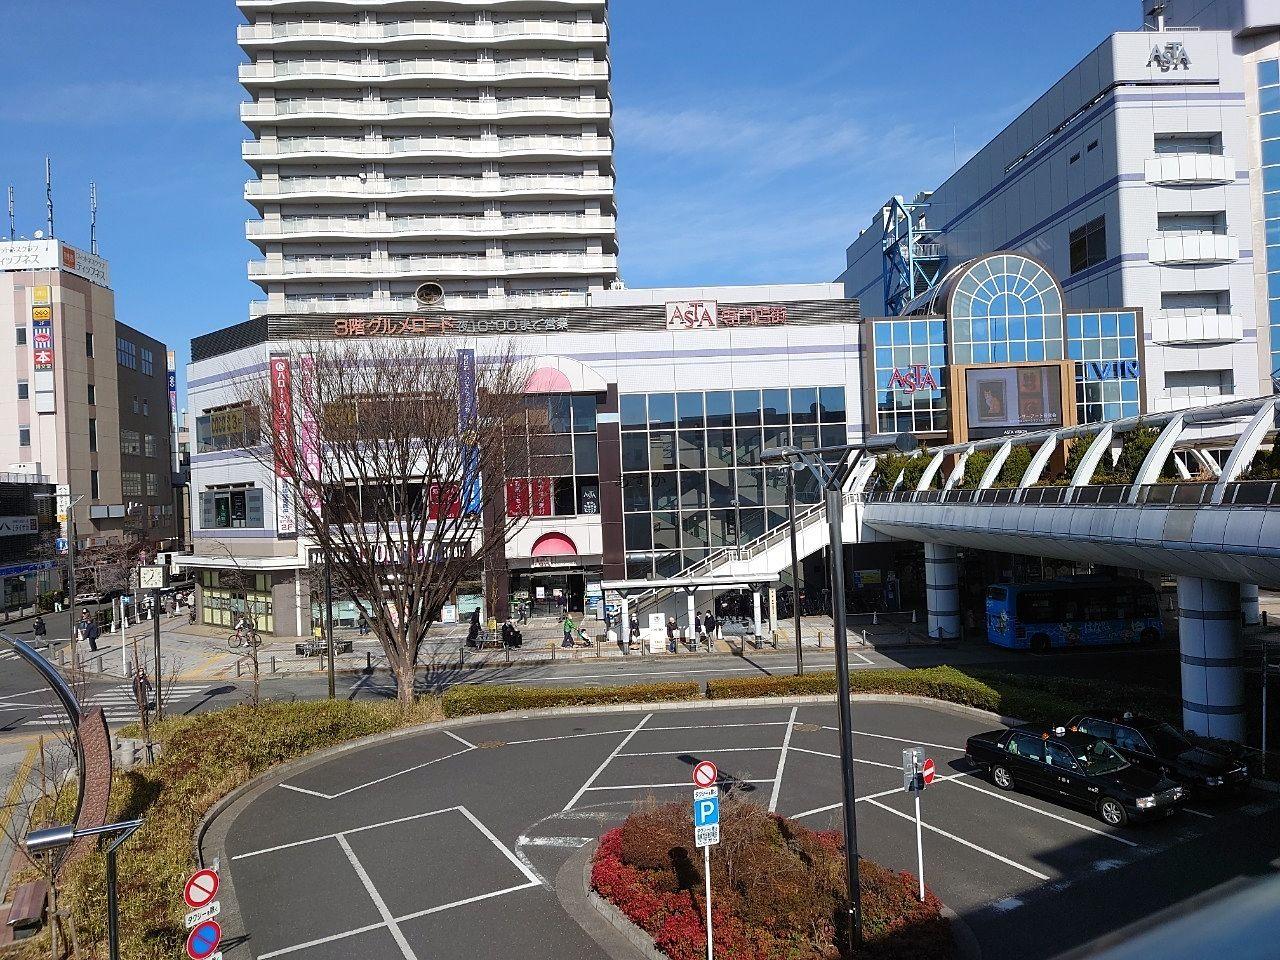 田無駅前の総合商業施設アスタも25周年